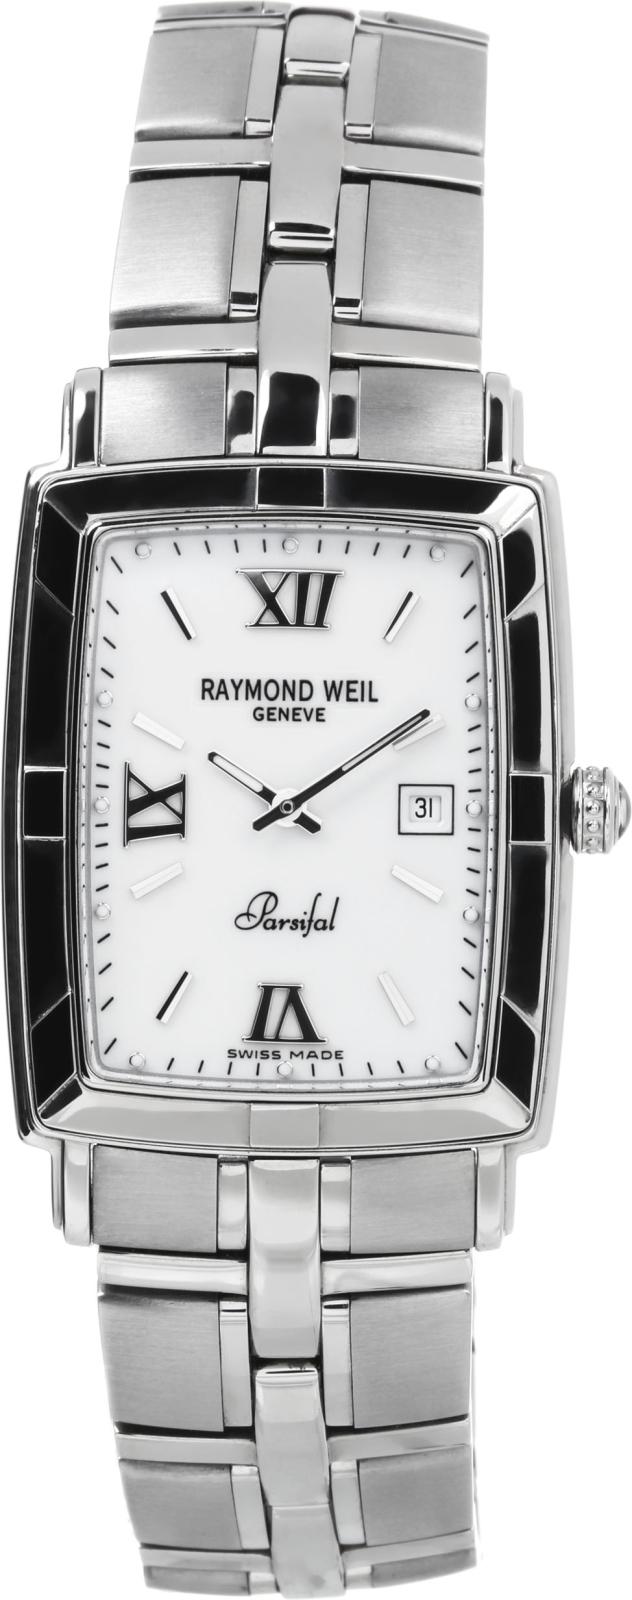 Raymond Weil Parsifal 9341-ST-00907Наручные часы<br>Швейцарские часы Raymond Weil Parsifal 9341-ST-00907Модель входит в коллекцию Parsifal. Это великолепные мужские часы. Материал корпуса часов — сталь. Стекло - сапфировое. Водозащита этой модели 100 м. Цвет циферблата - перламутр. Циферблат модели содержит часы, минуты. В этих часах используются такие усложнения как дата, . Корпус часов в диаметре 28х34мм.<br><br>Для кого?: Мужские<br>Страна-производитель: Швейцария<br>Механизм: Кварцевый<br>Материал корпуса: Сталь<br>Материал ремня/браслета: Сталь<br>Водозащита, диапазон: 100 - 150 м<br>Стекло: Сапфировое<br>Толщина корпуса: None<br>Стиль: Классика